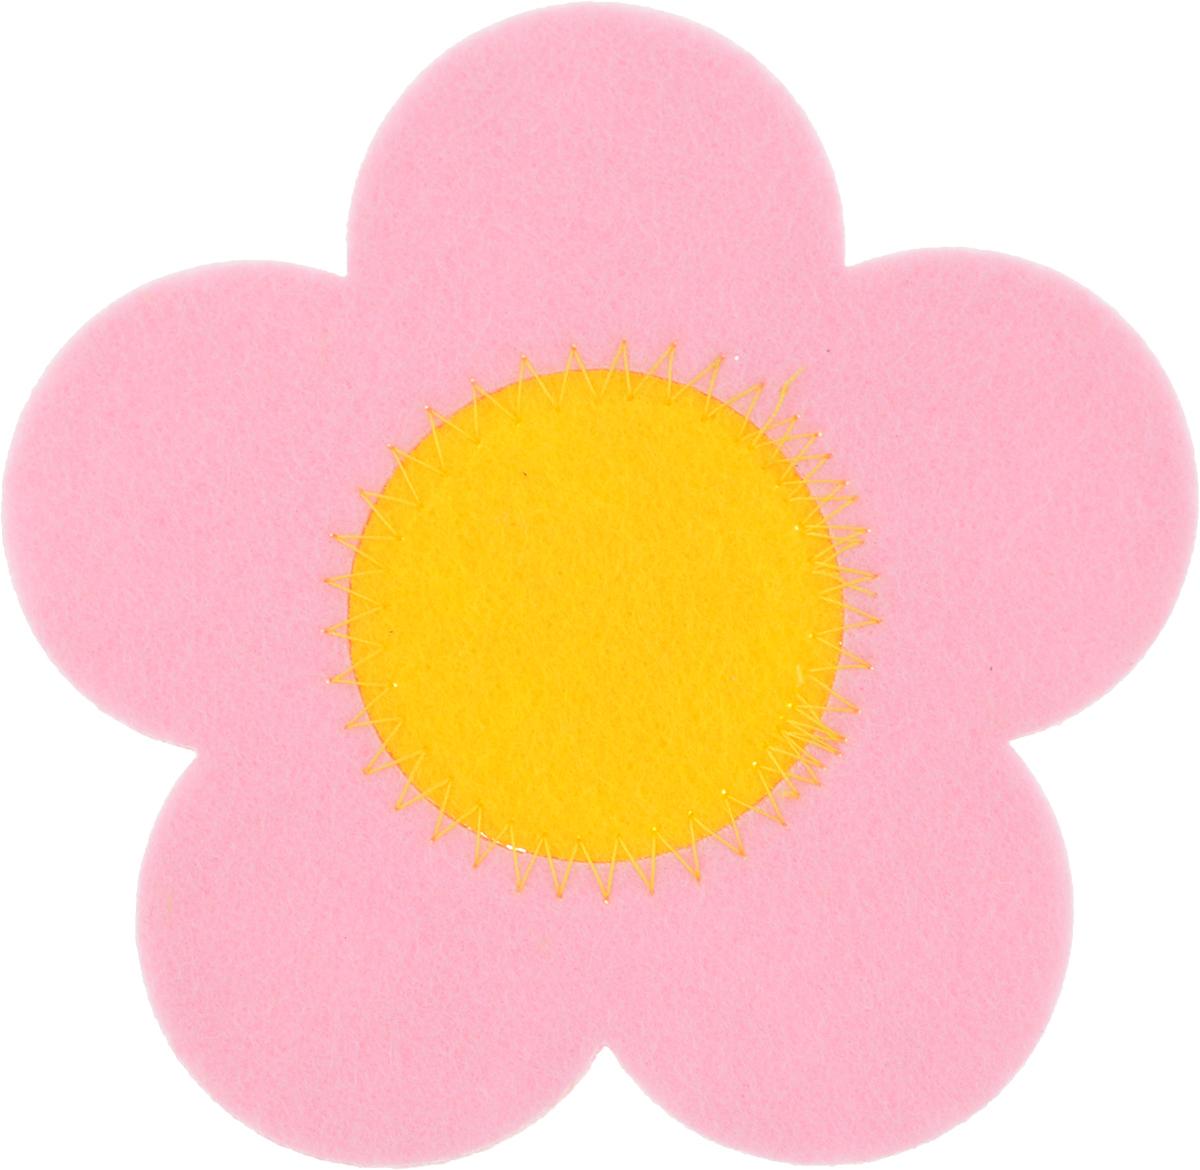 Подставка под горячее Marmiton Цветочек, цвет: розовый, диаметр 11 см16159_розовыйПодставка Marmiton Цветочек изготовлена из фетра в виде цветочка. Изделие предназначено для защиты поверхности стола от воздействия высоких температур, механических повреждений и загрязнений.